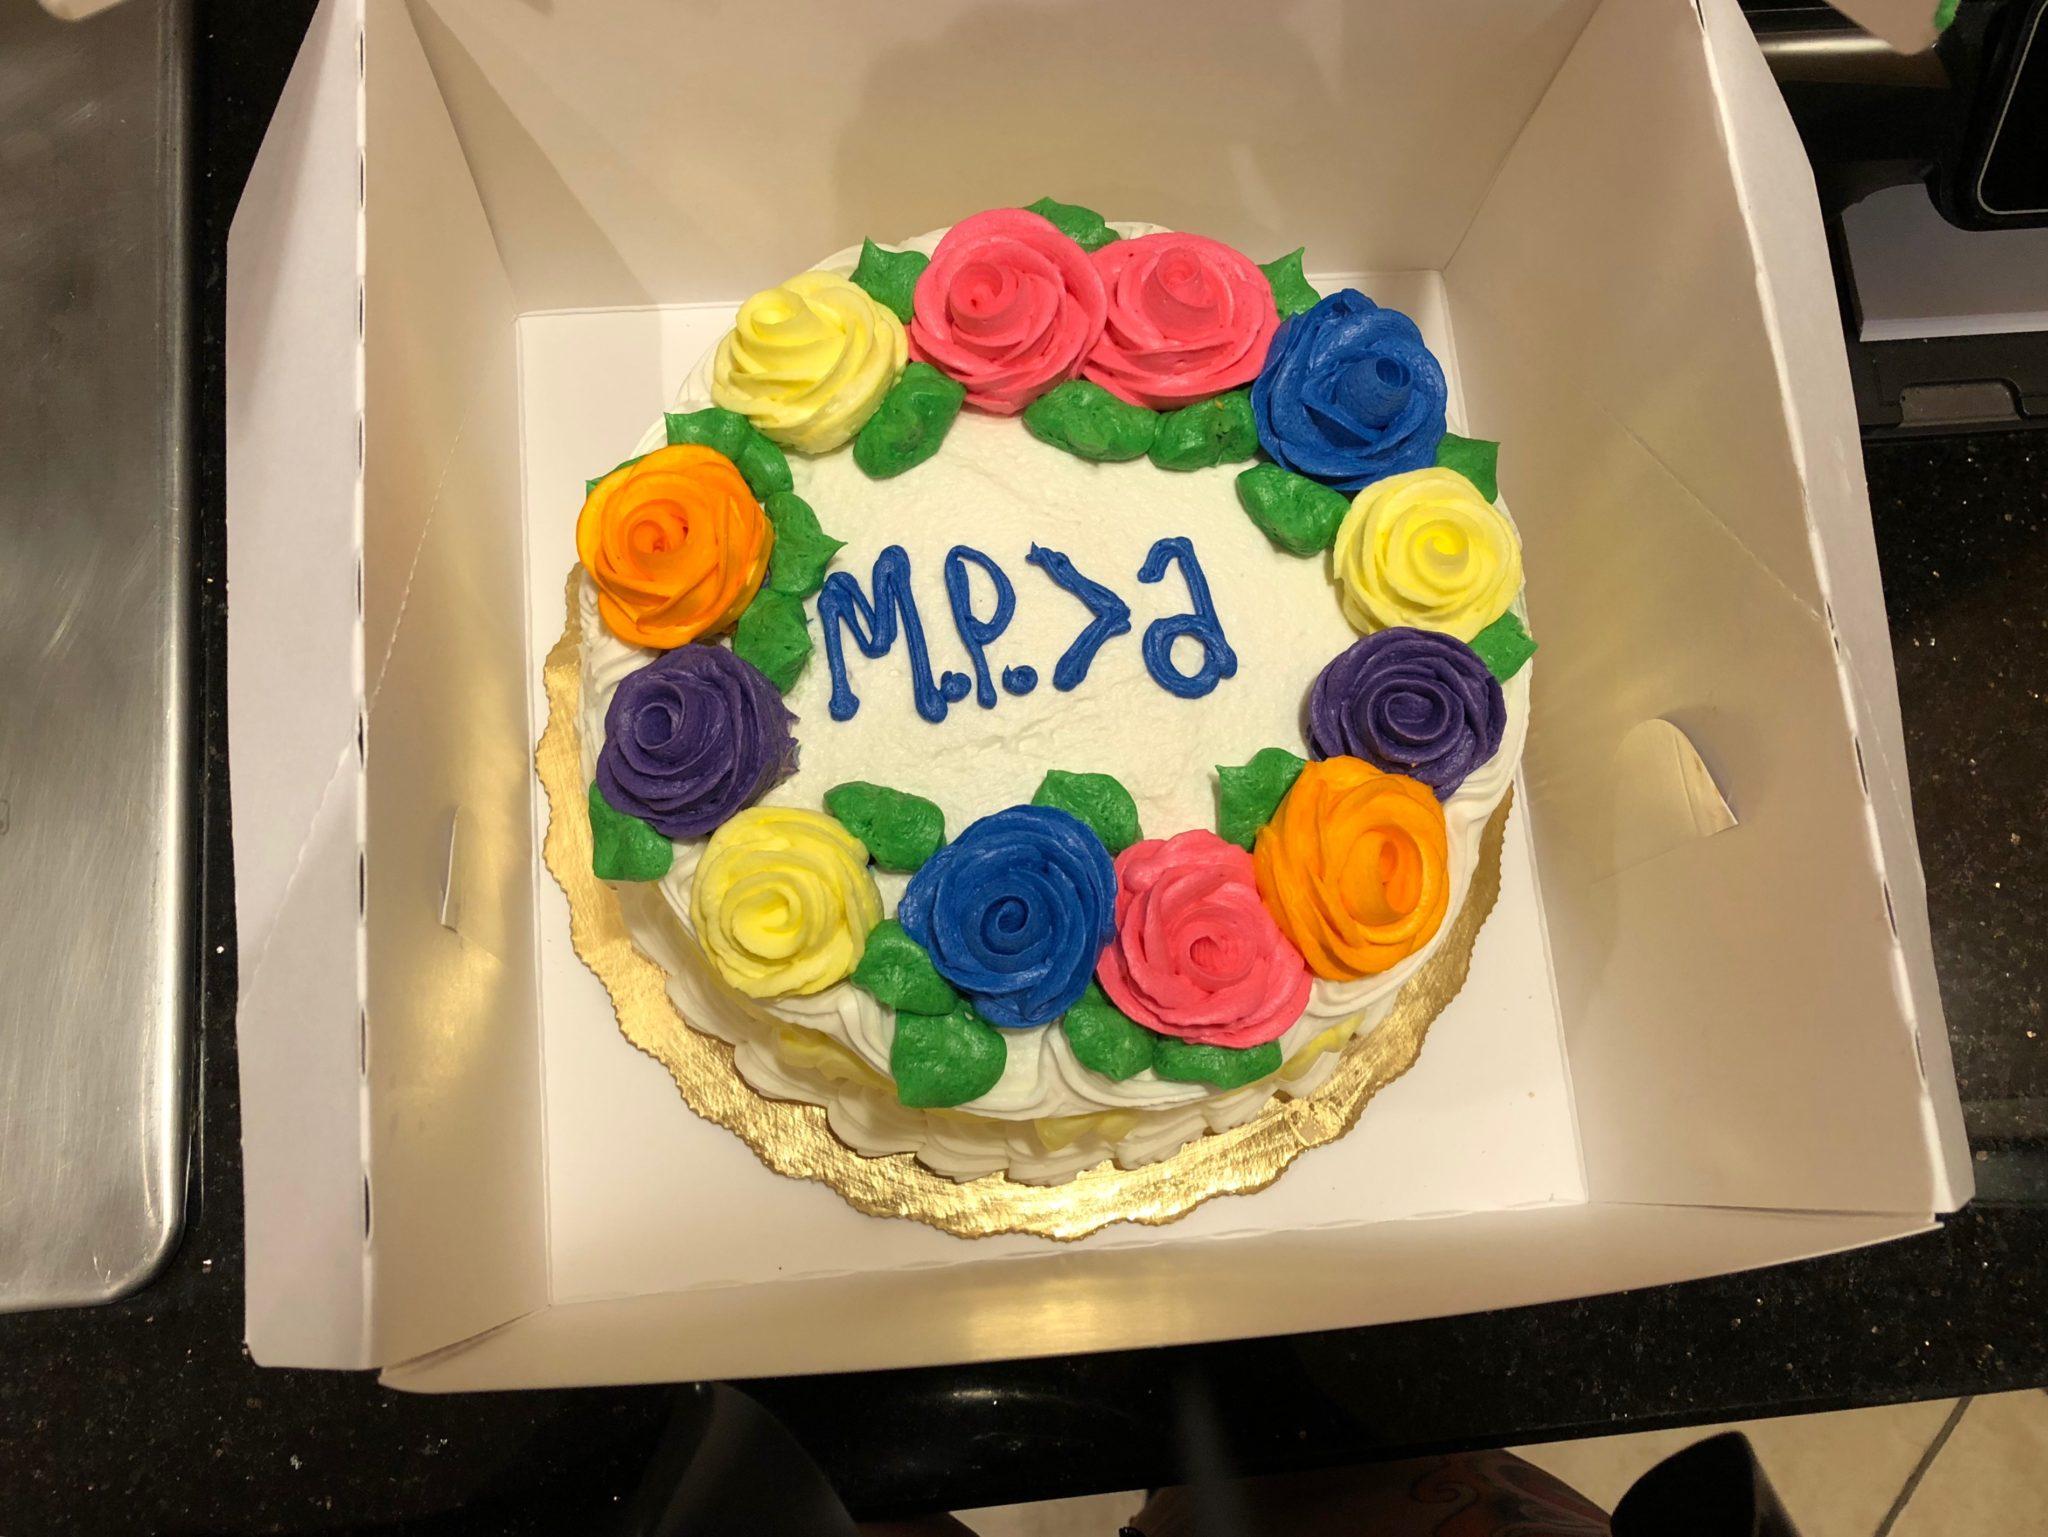 slave gives Mistress Pomf a cake to sit on